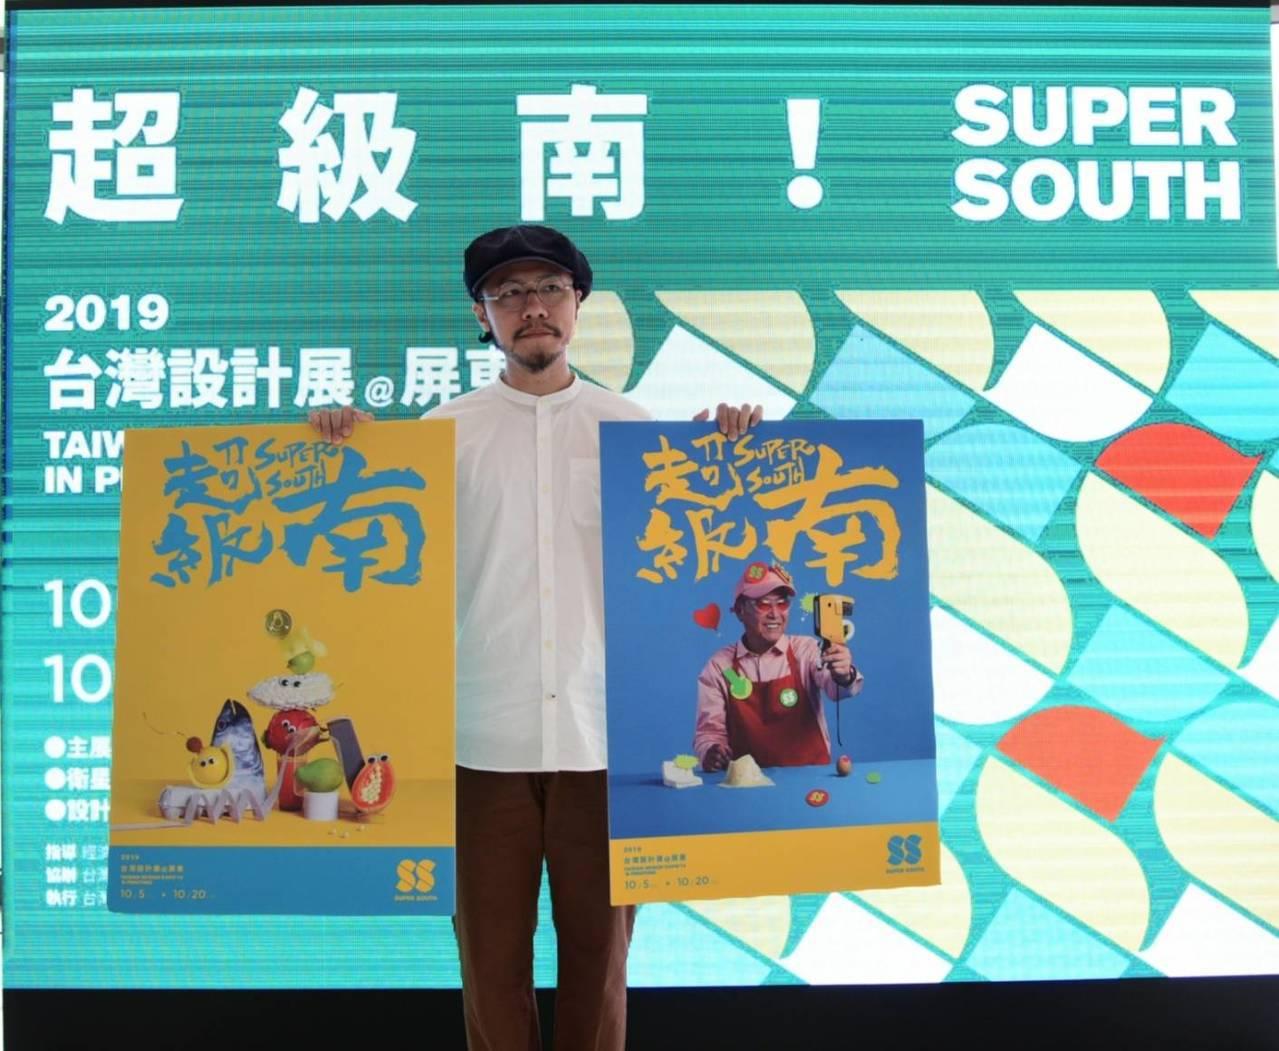 2019台灣設計展在屏東主視覺由知名設計師方序中操刀,「SS」象徵輸送帶,將產業...